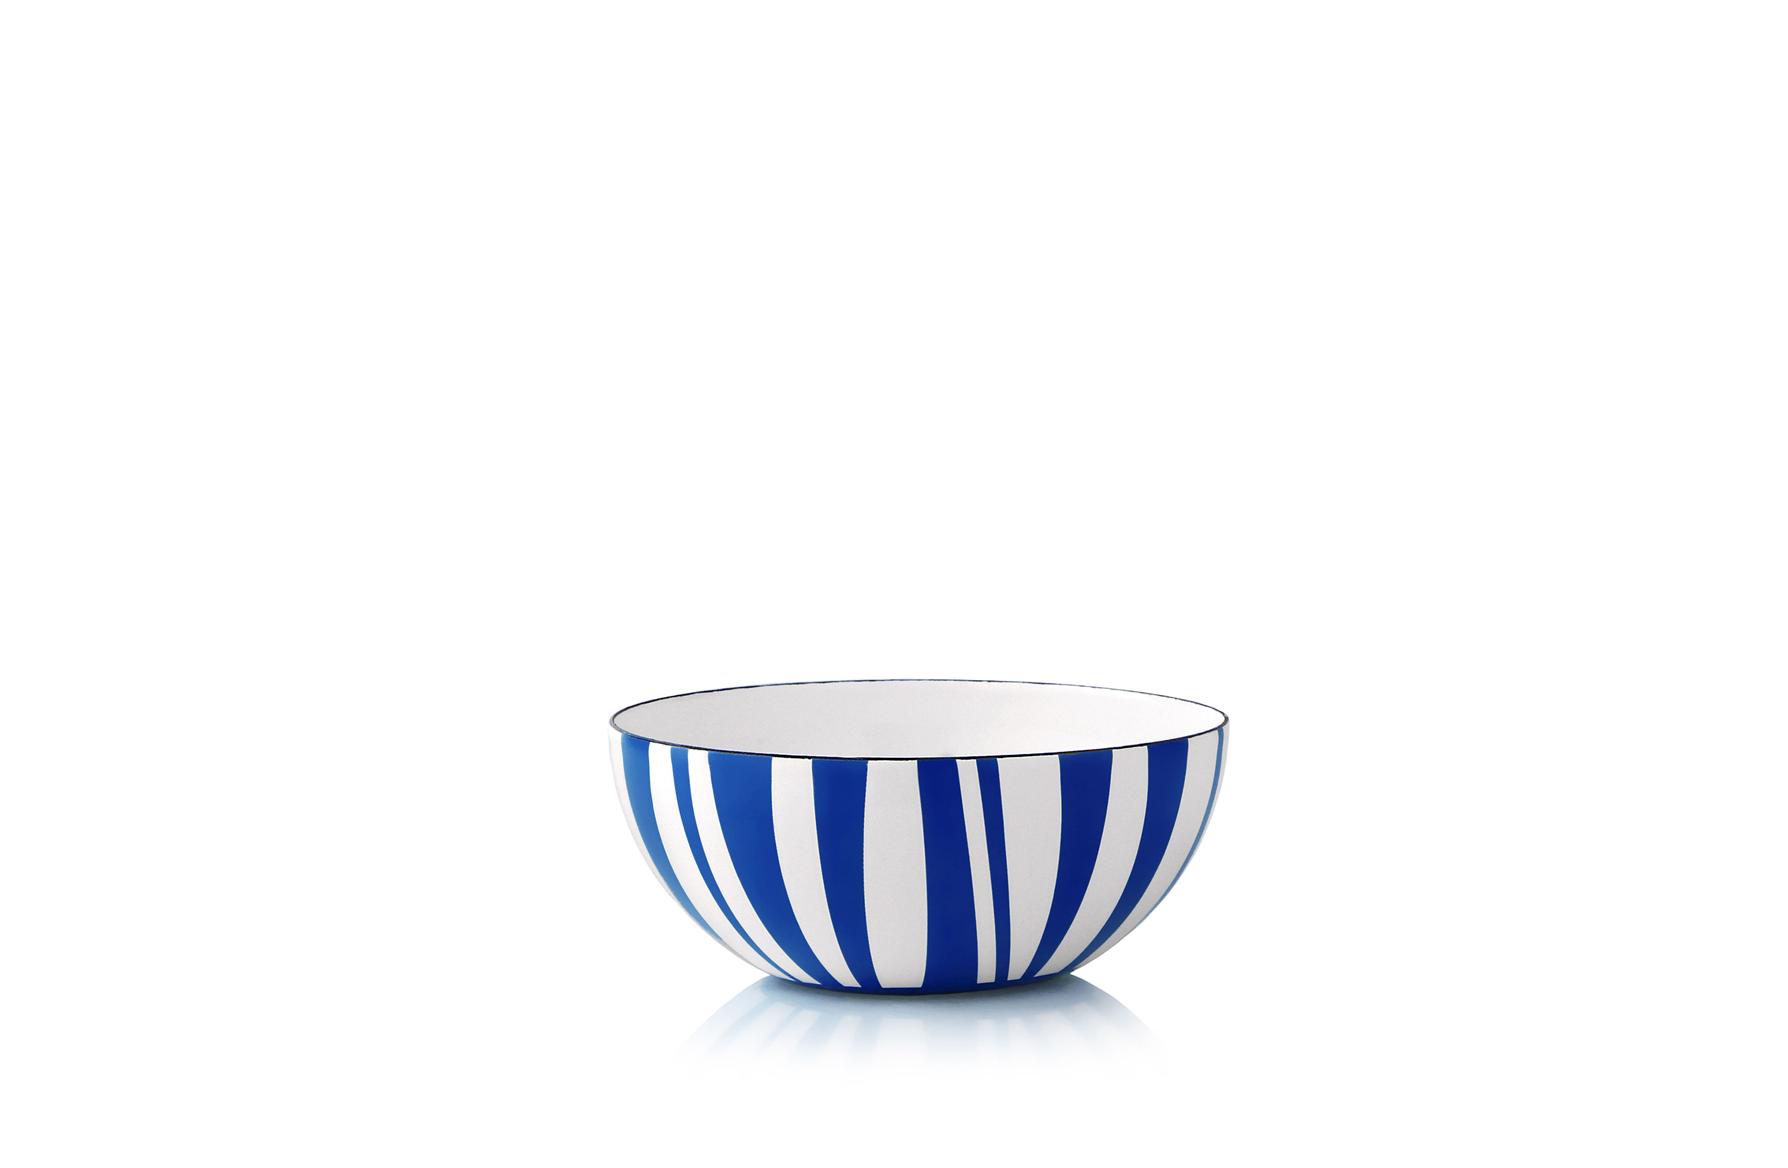 10 cm - Stripes collectionBlue